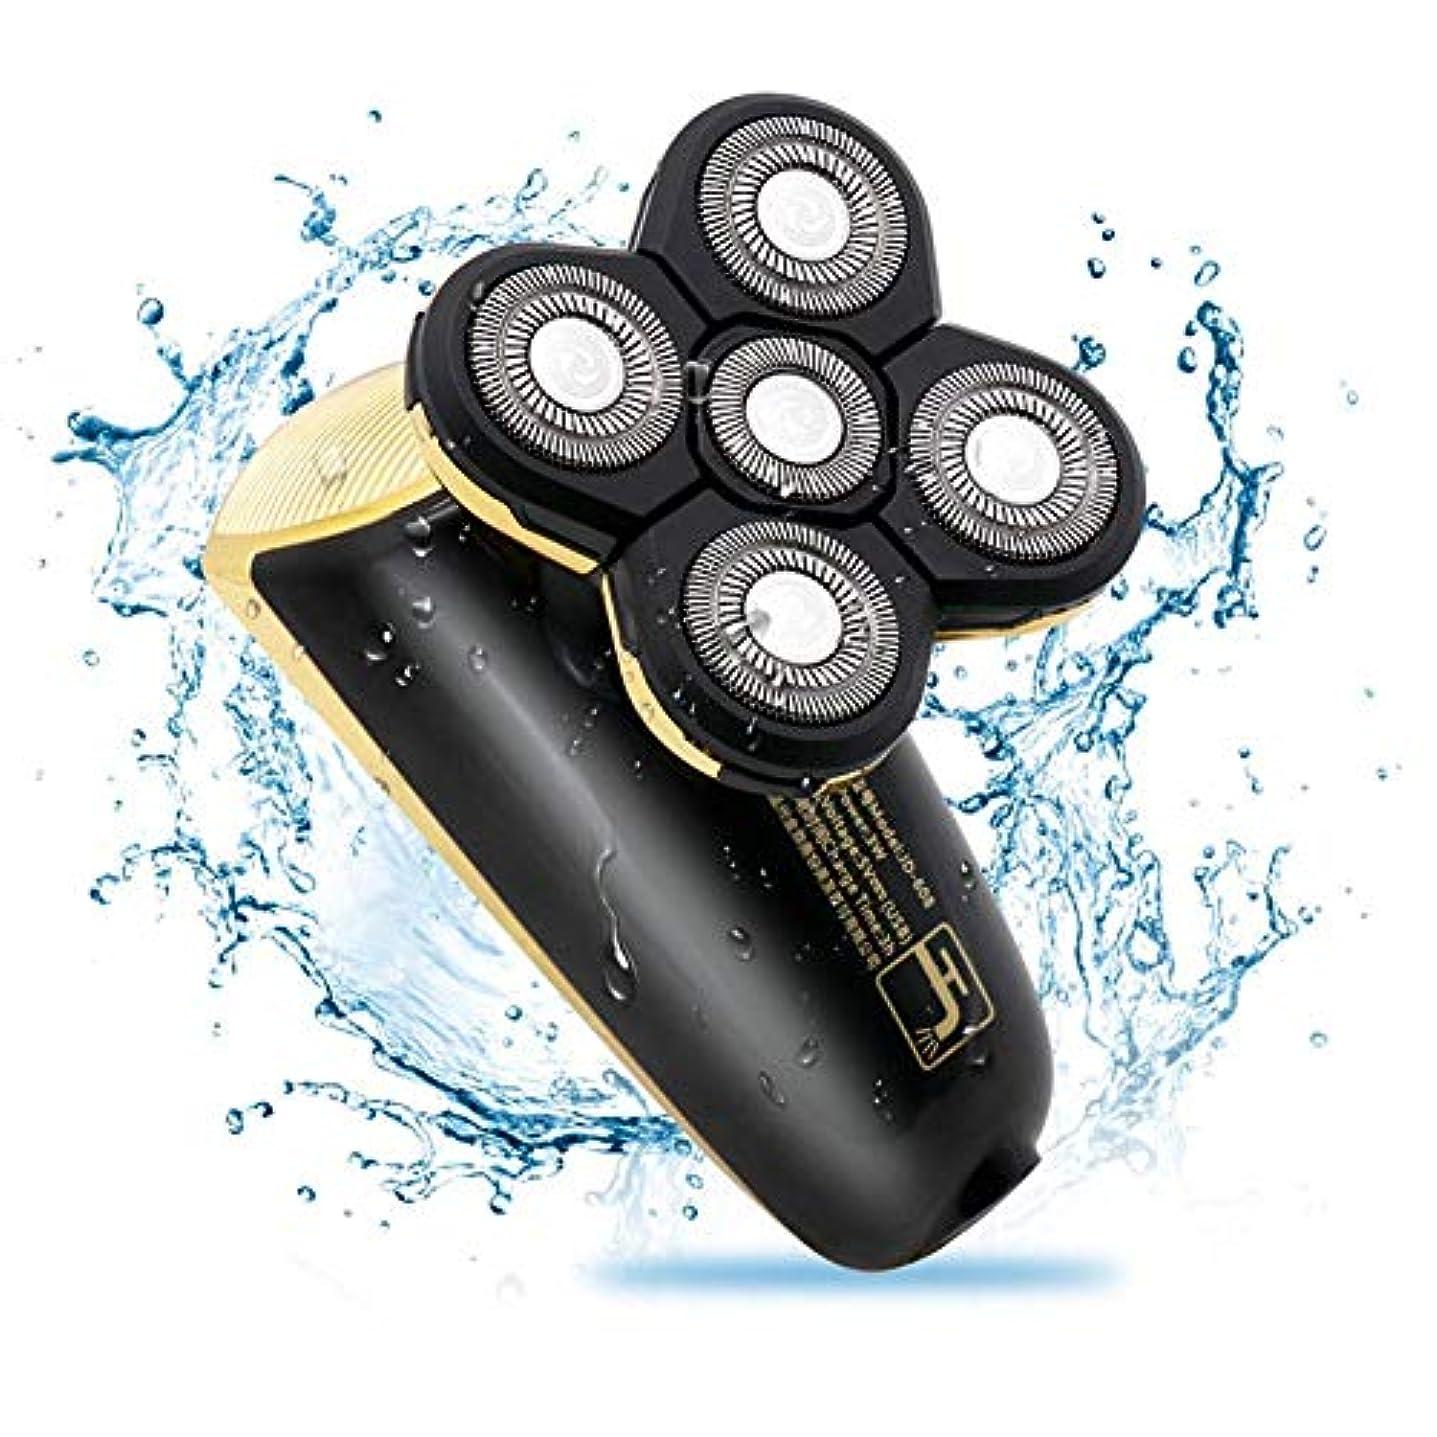 小間スツールこする5D電気ウェットドライロータリーシェーバーメンズ防水カミソリ、ひげトリマー用5フローティングヘッド、コードレスUSB充電式セキュリティロックモード